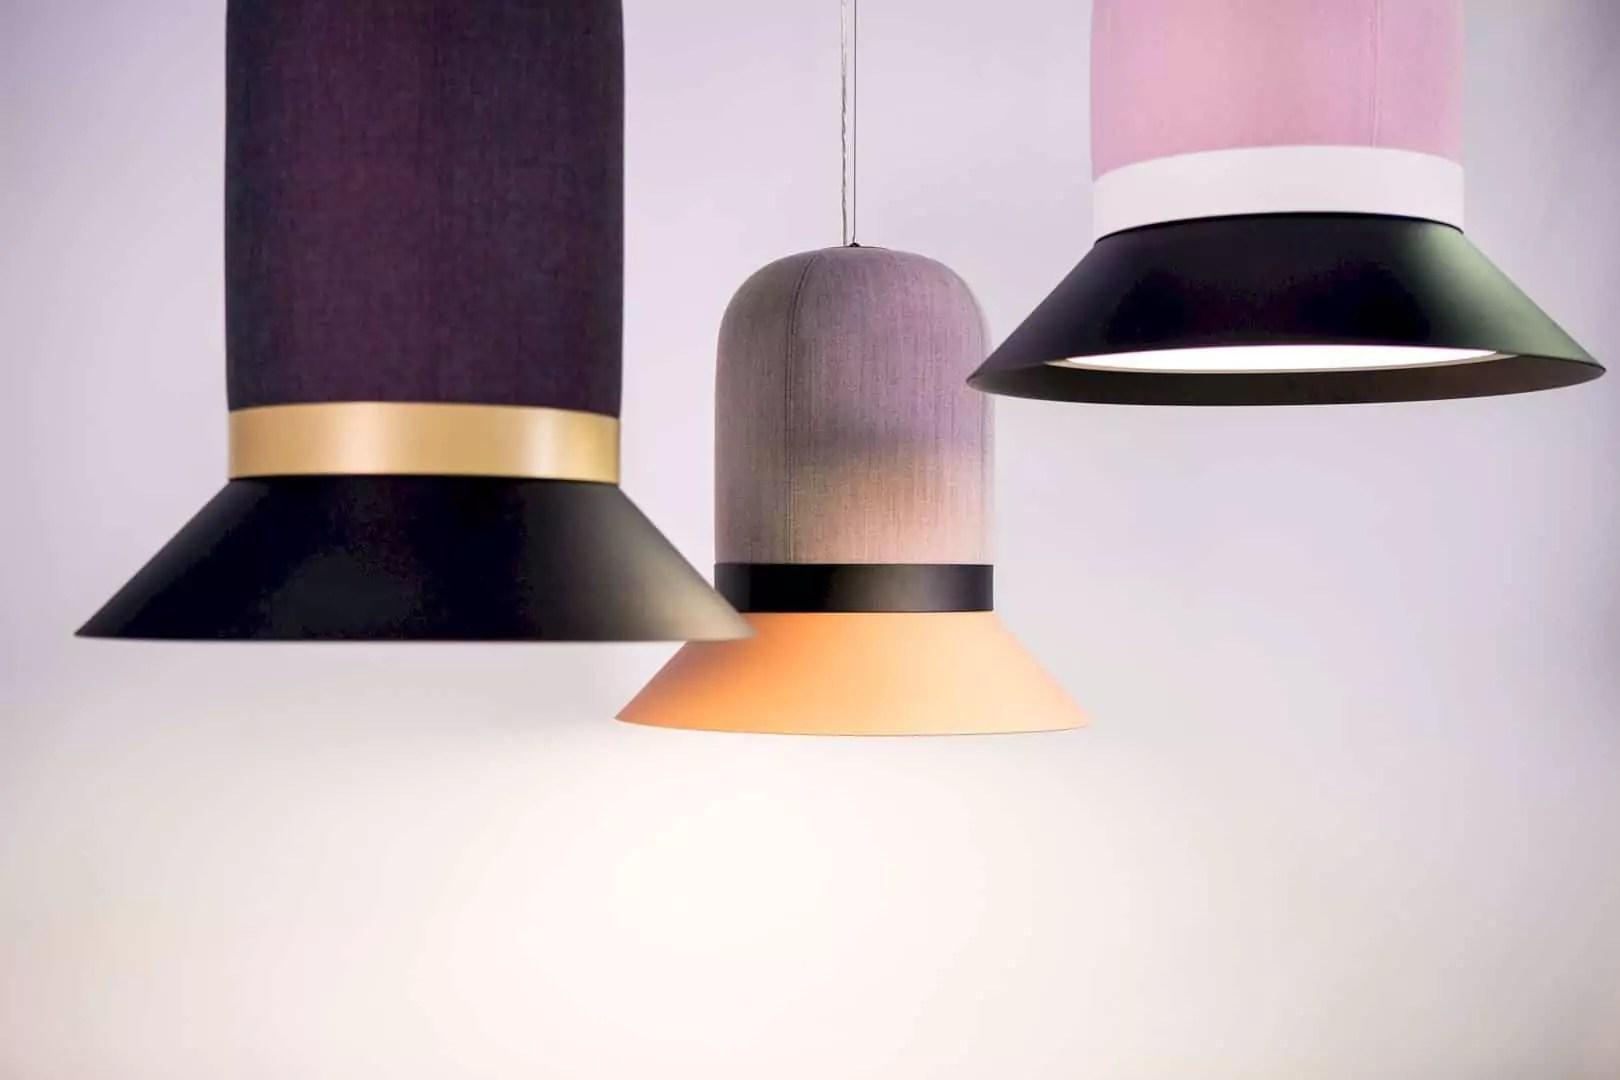 BuzziHat: A Decorative and Unique Hat-Shaped Pendant Light